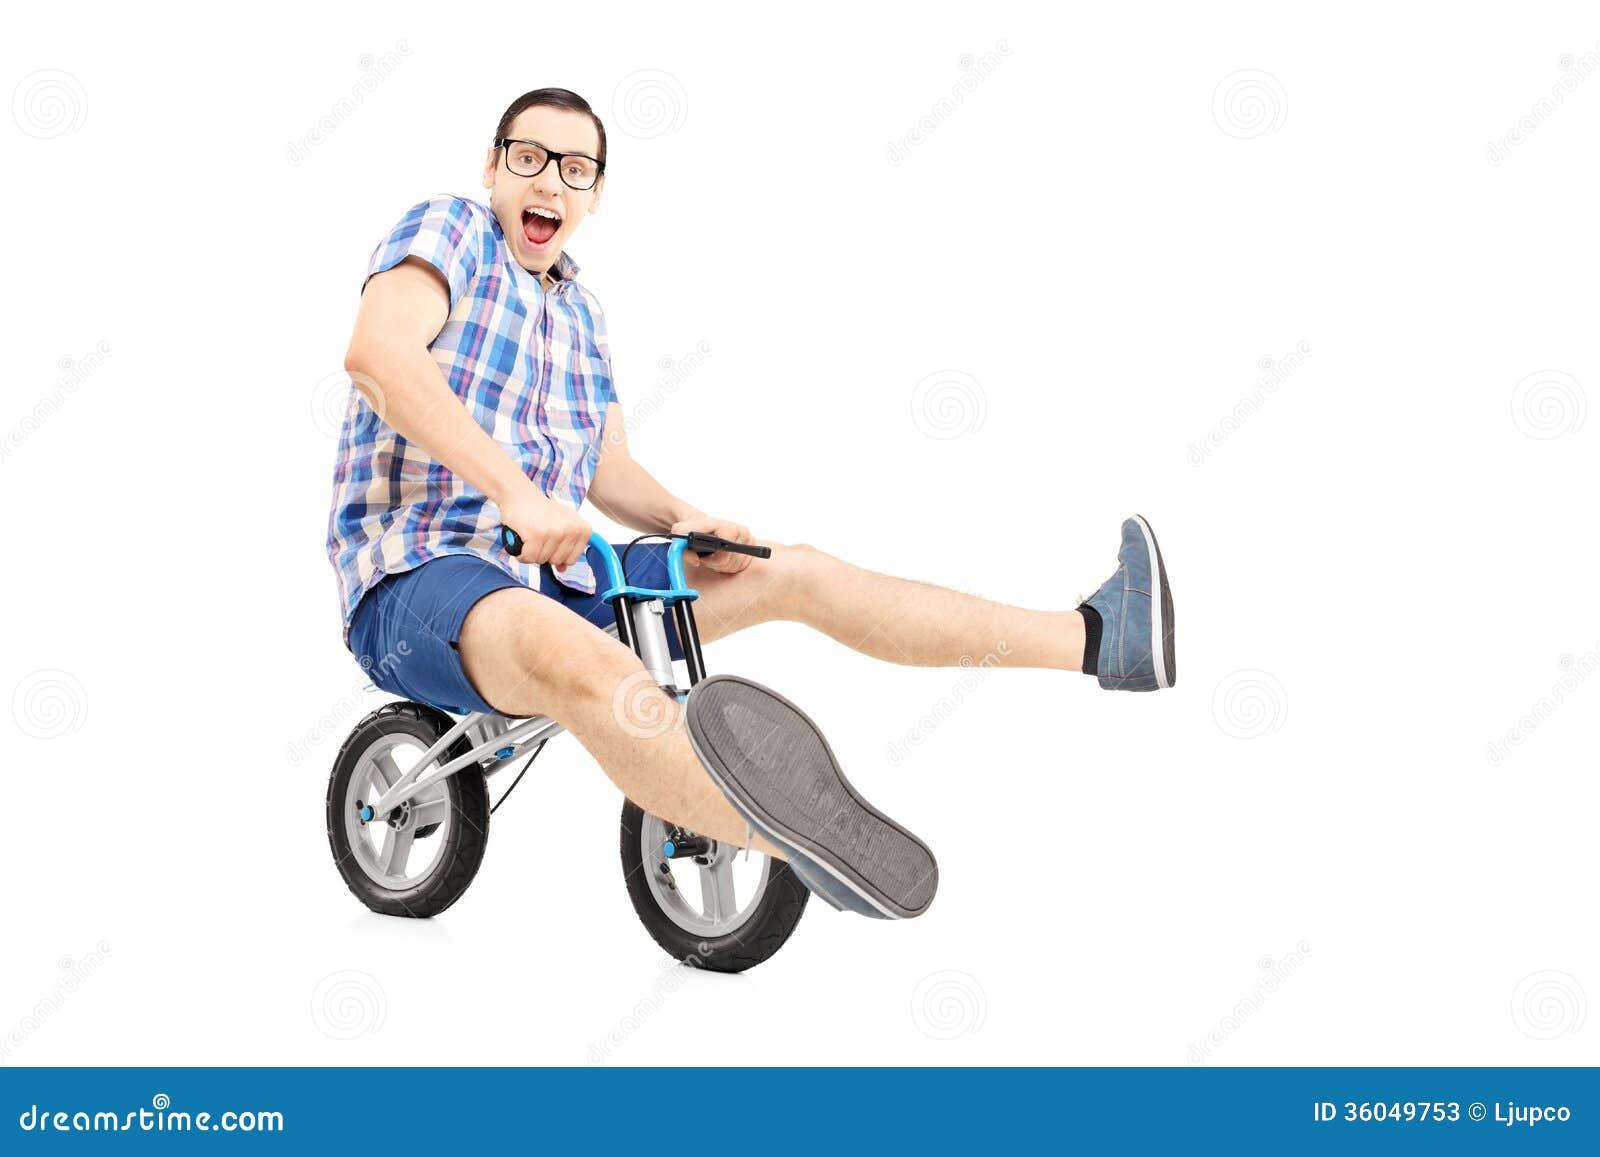 Grappig jong personenvervoer een kleine fiets